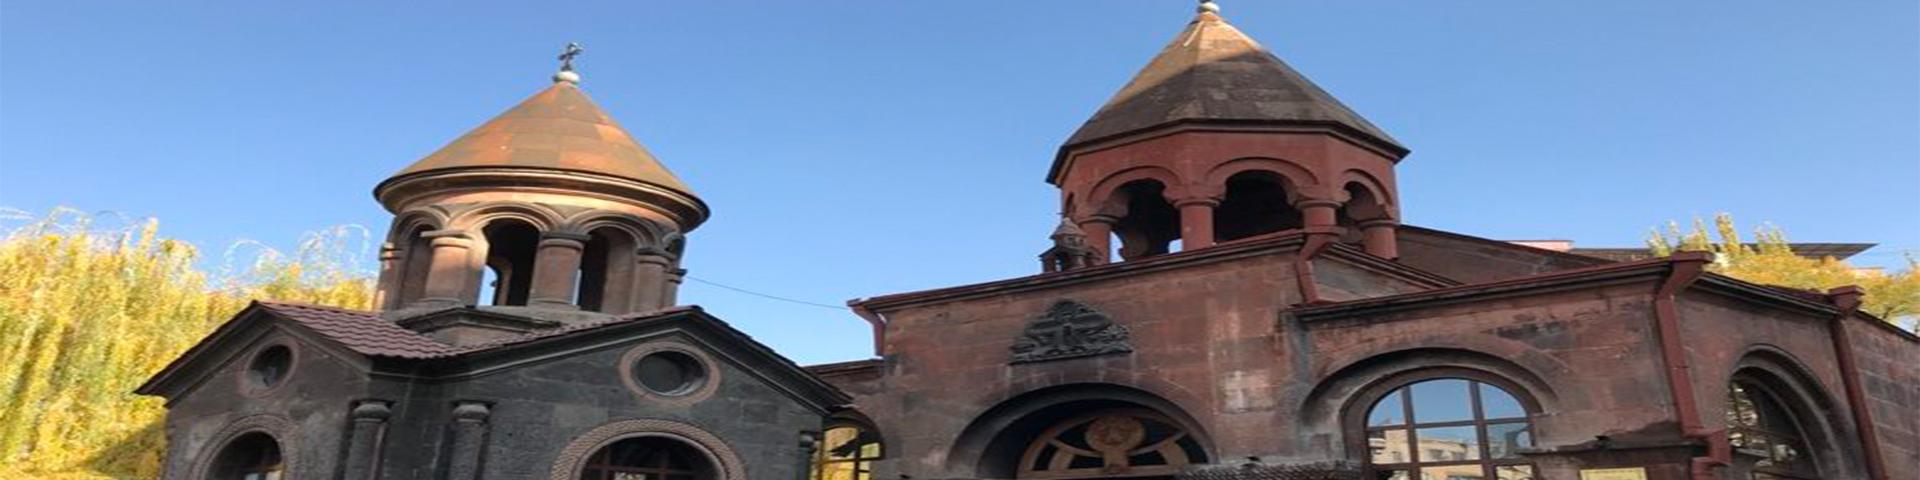 کلیسا سنت نورک ارمنستان